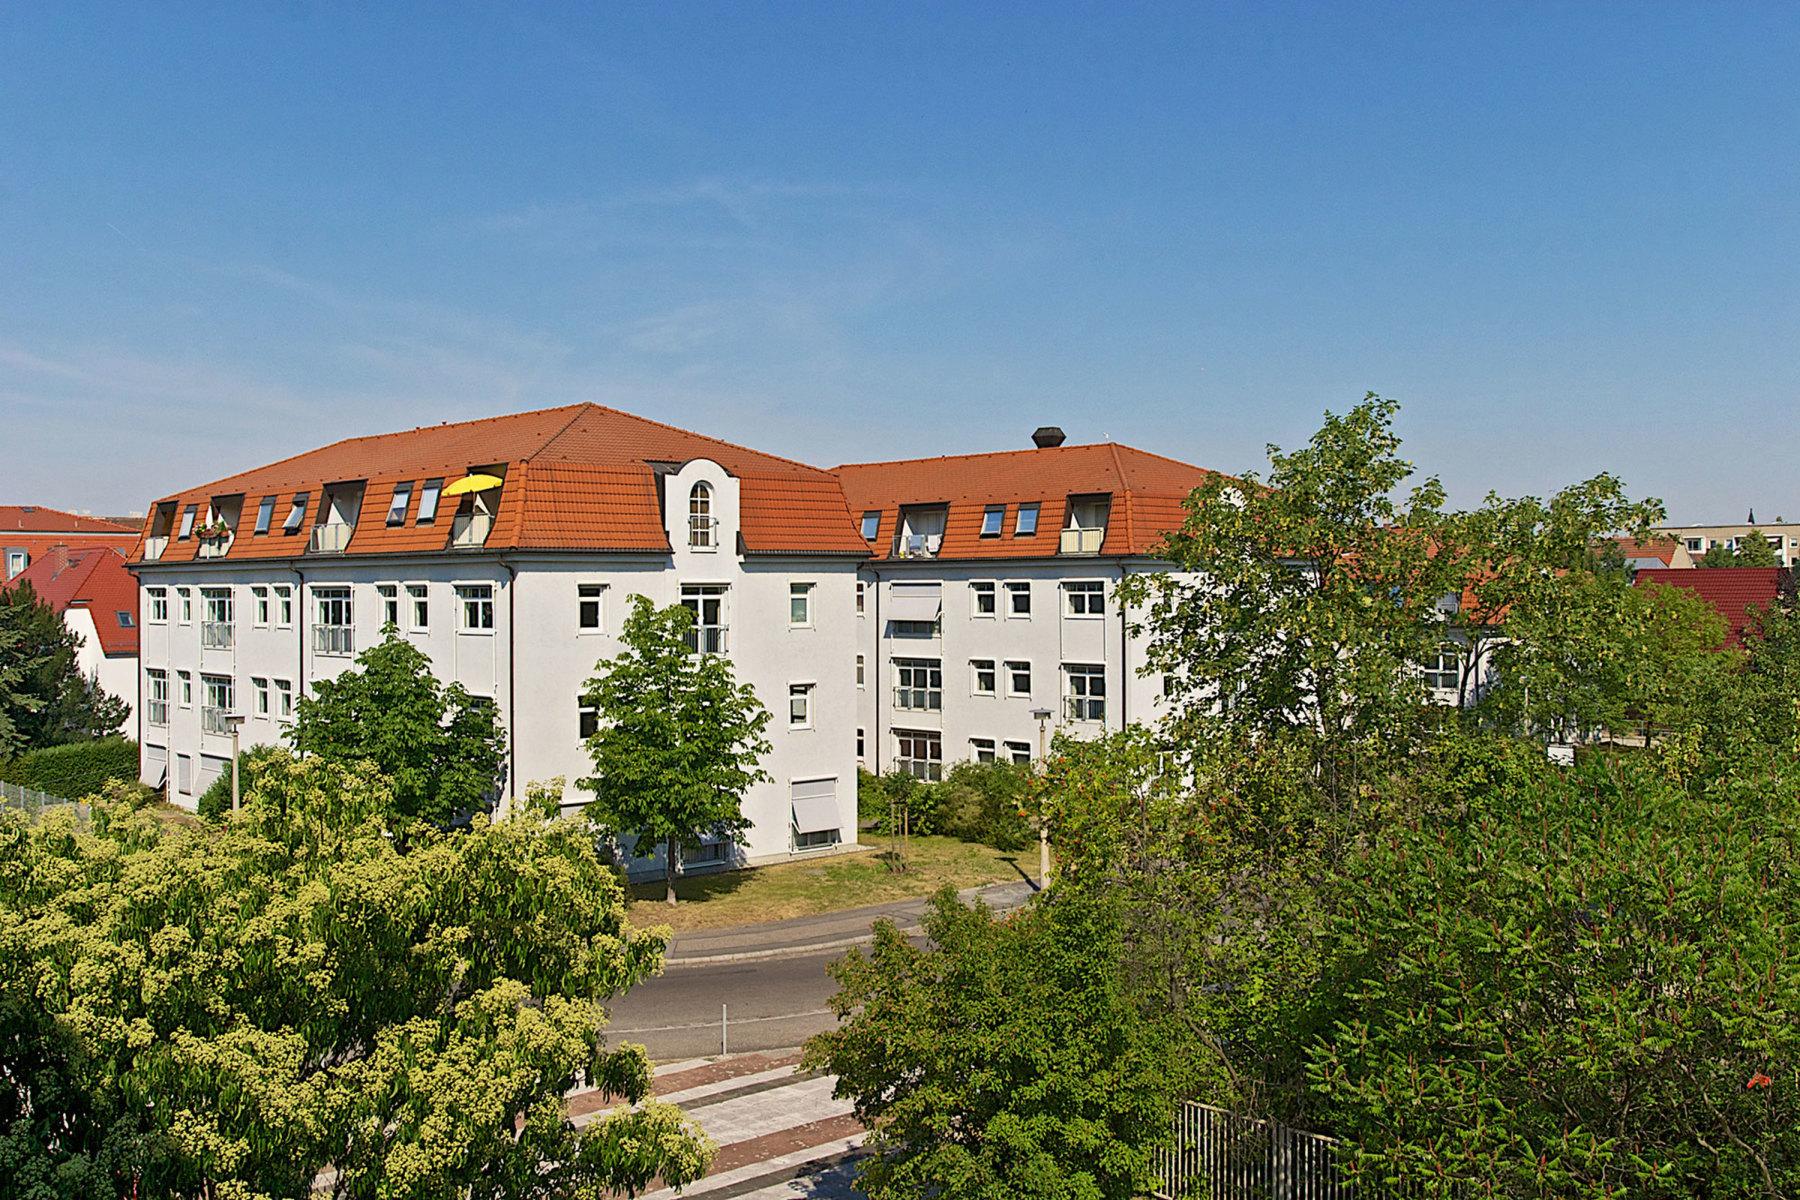 Wohn- und Gewerbekomplex Aussiger Straße